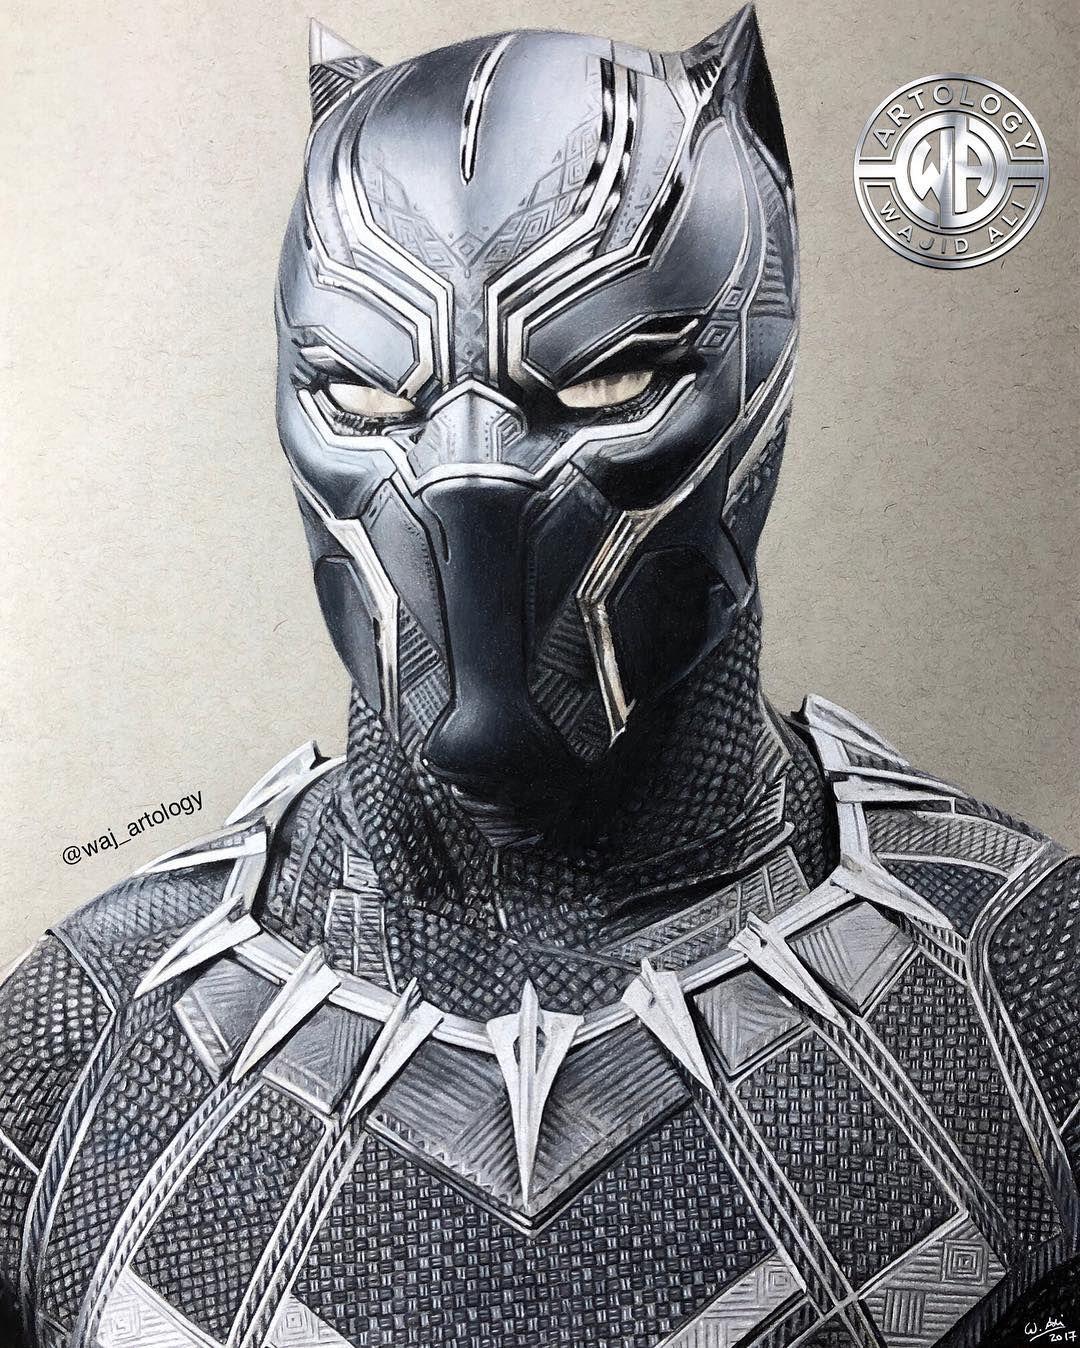 Black panther repost blackpanther drawing wakanda marvel kingofwakanda pencildrawing chadwickboseman artology waj artology